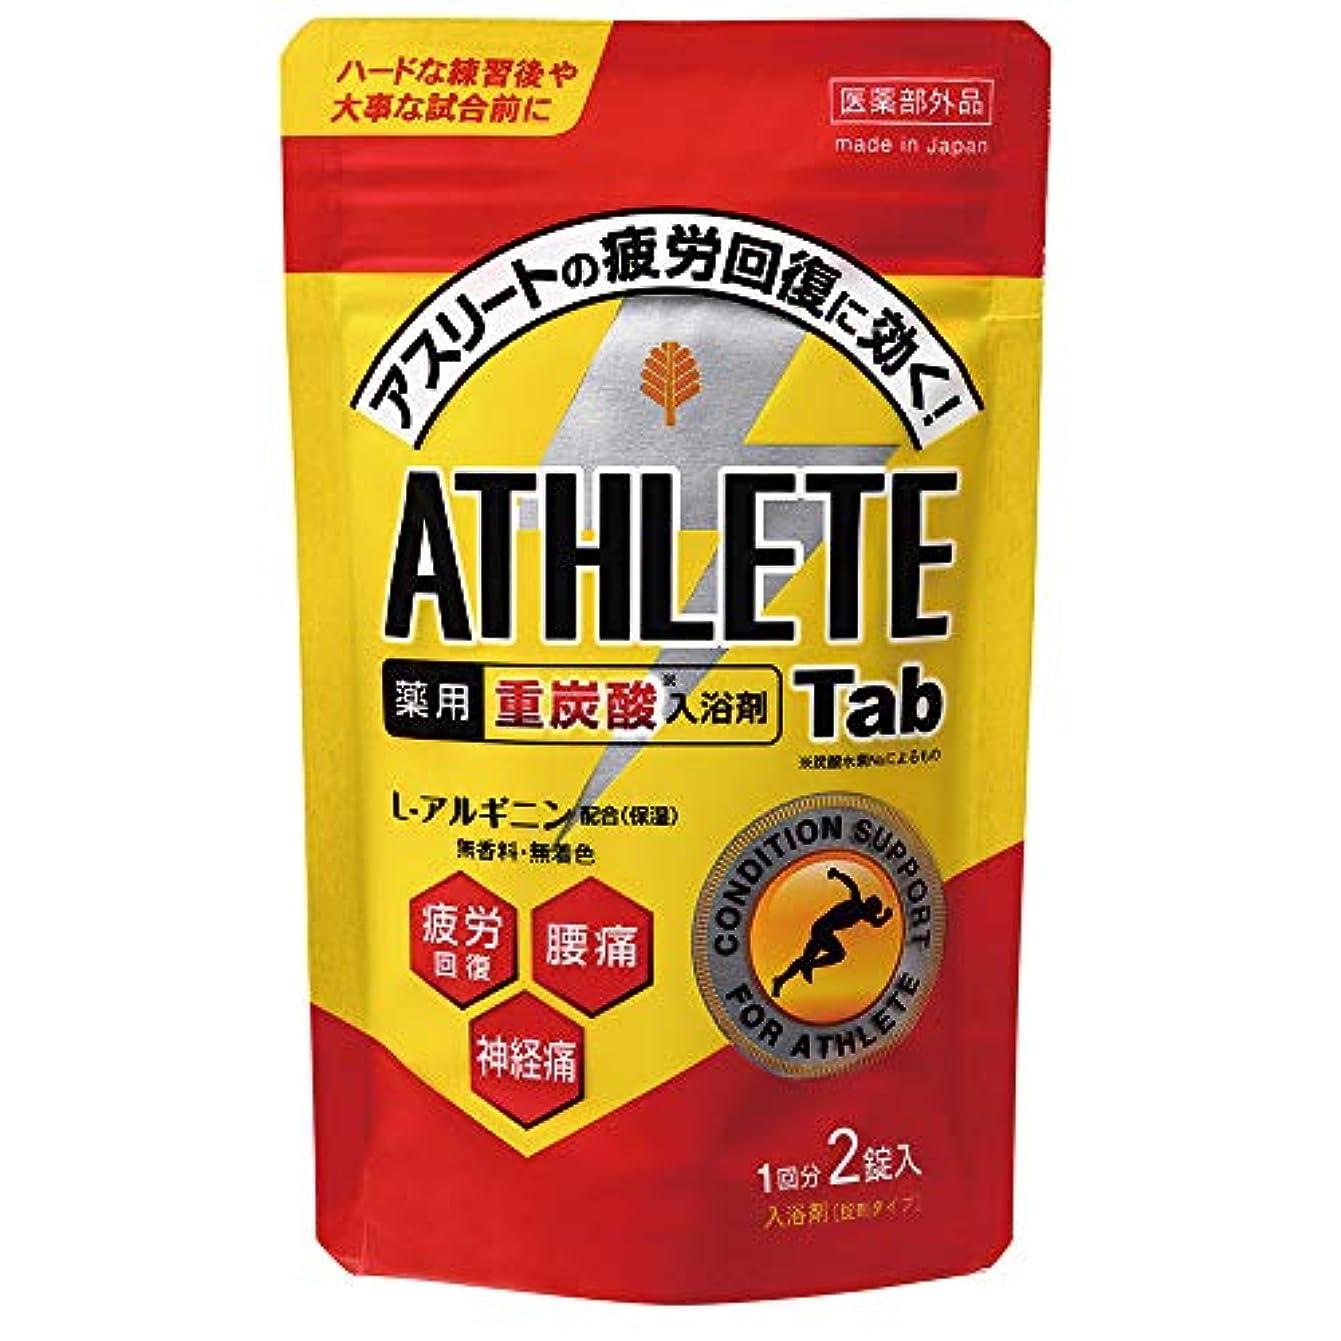 評議会ぼんやりしたマルクス主義者日本製 made in japan 薬用 ATHLETE Tab2錠x1パック BT-8572 【まとめ買い12個セット】